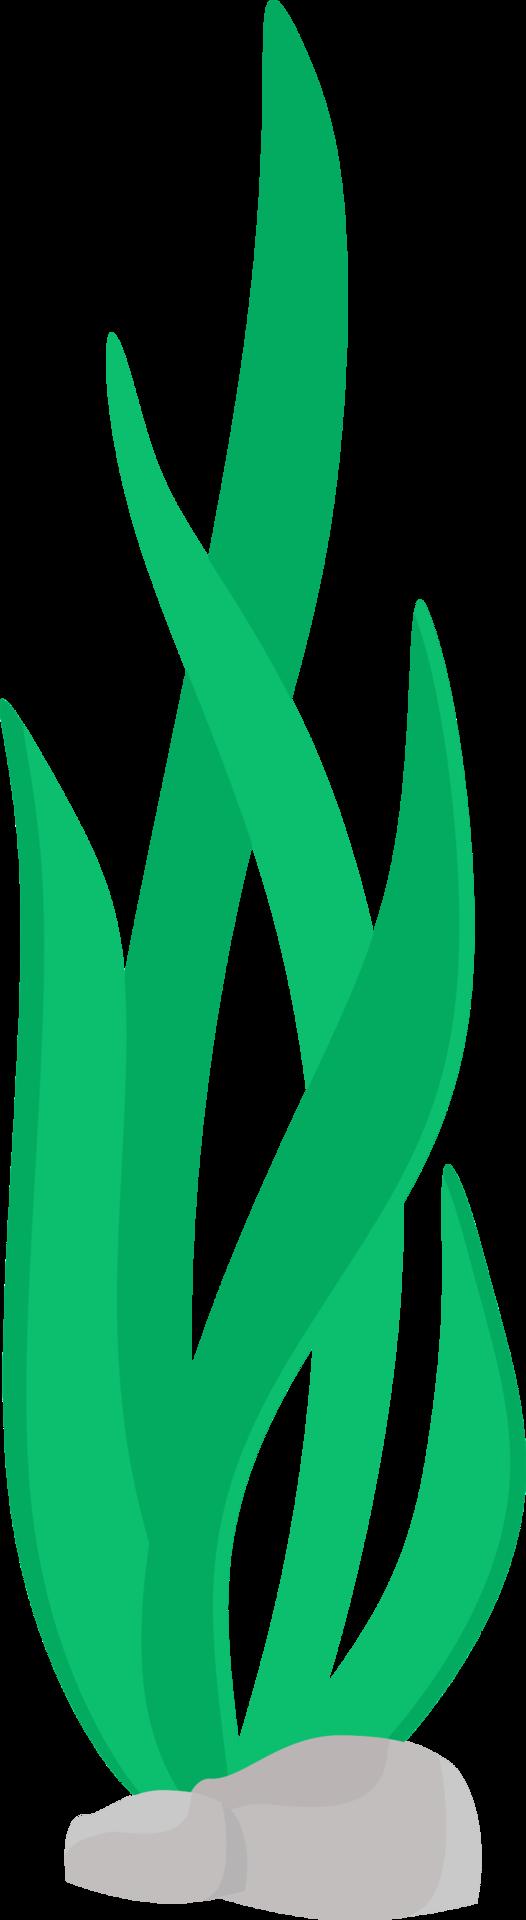 Seaweed Clipart at GetDrawings.com.